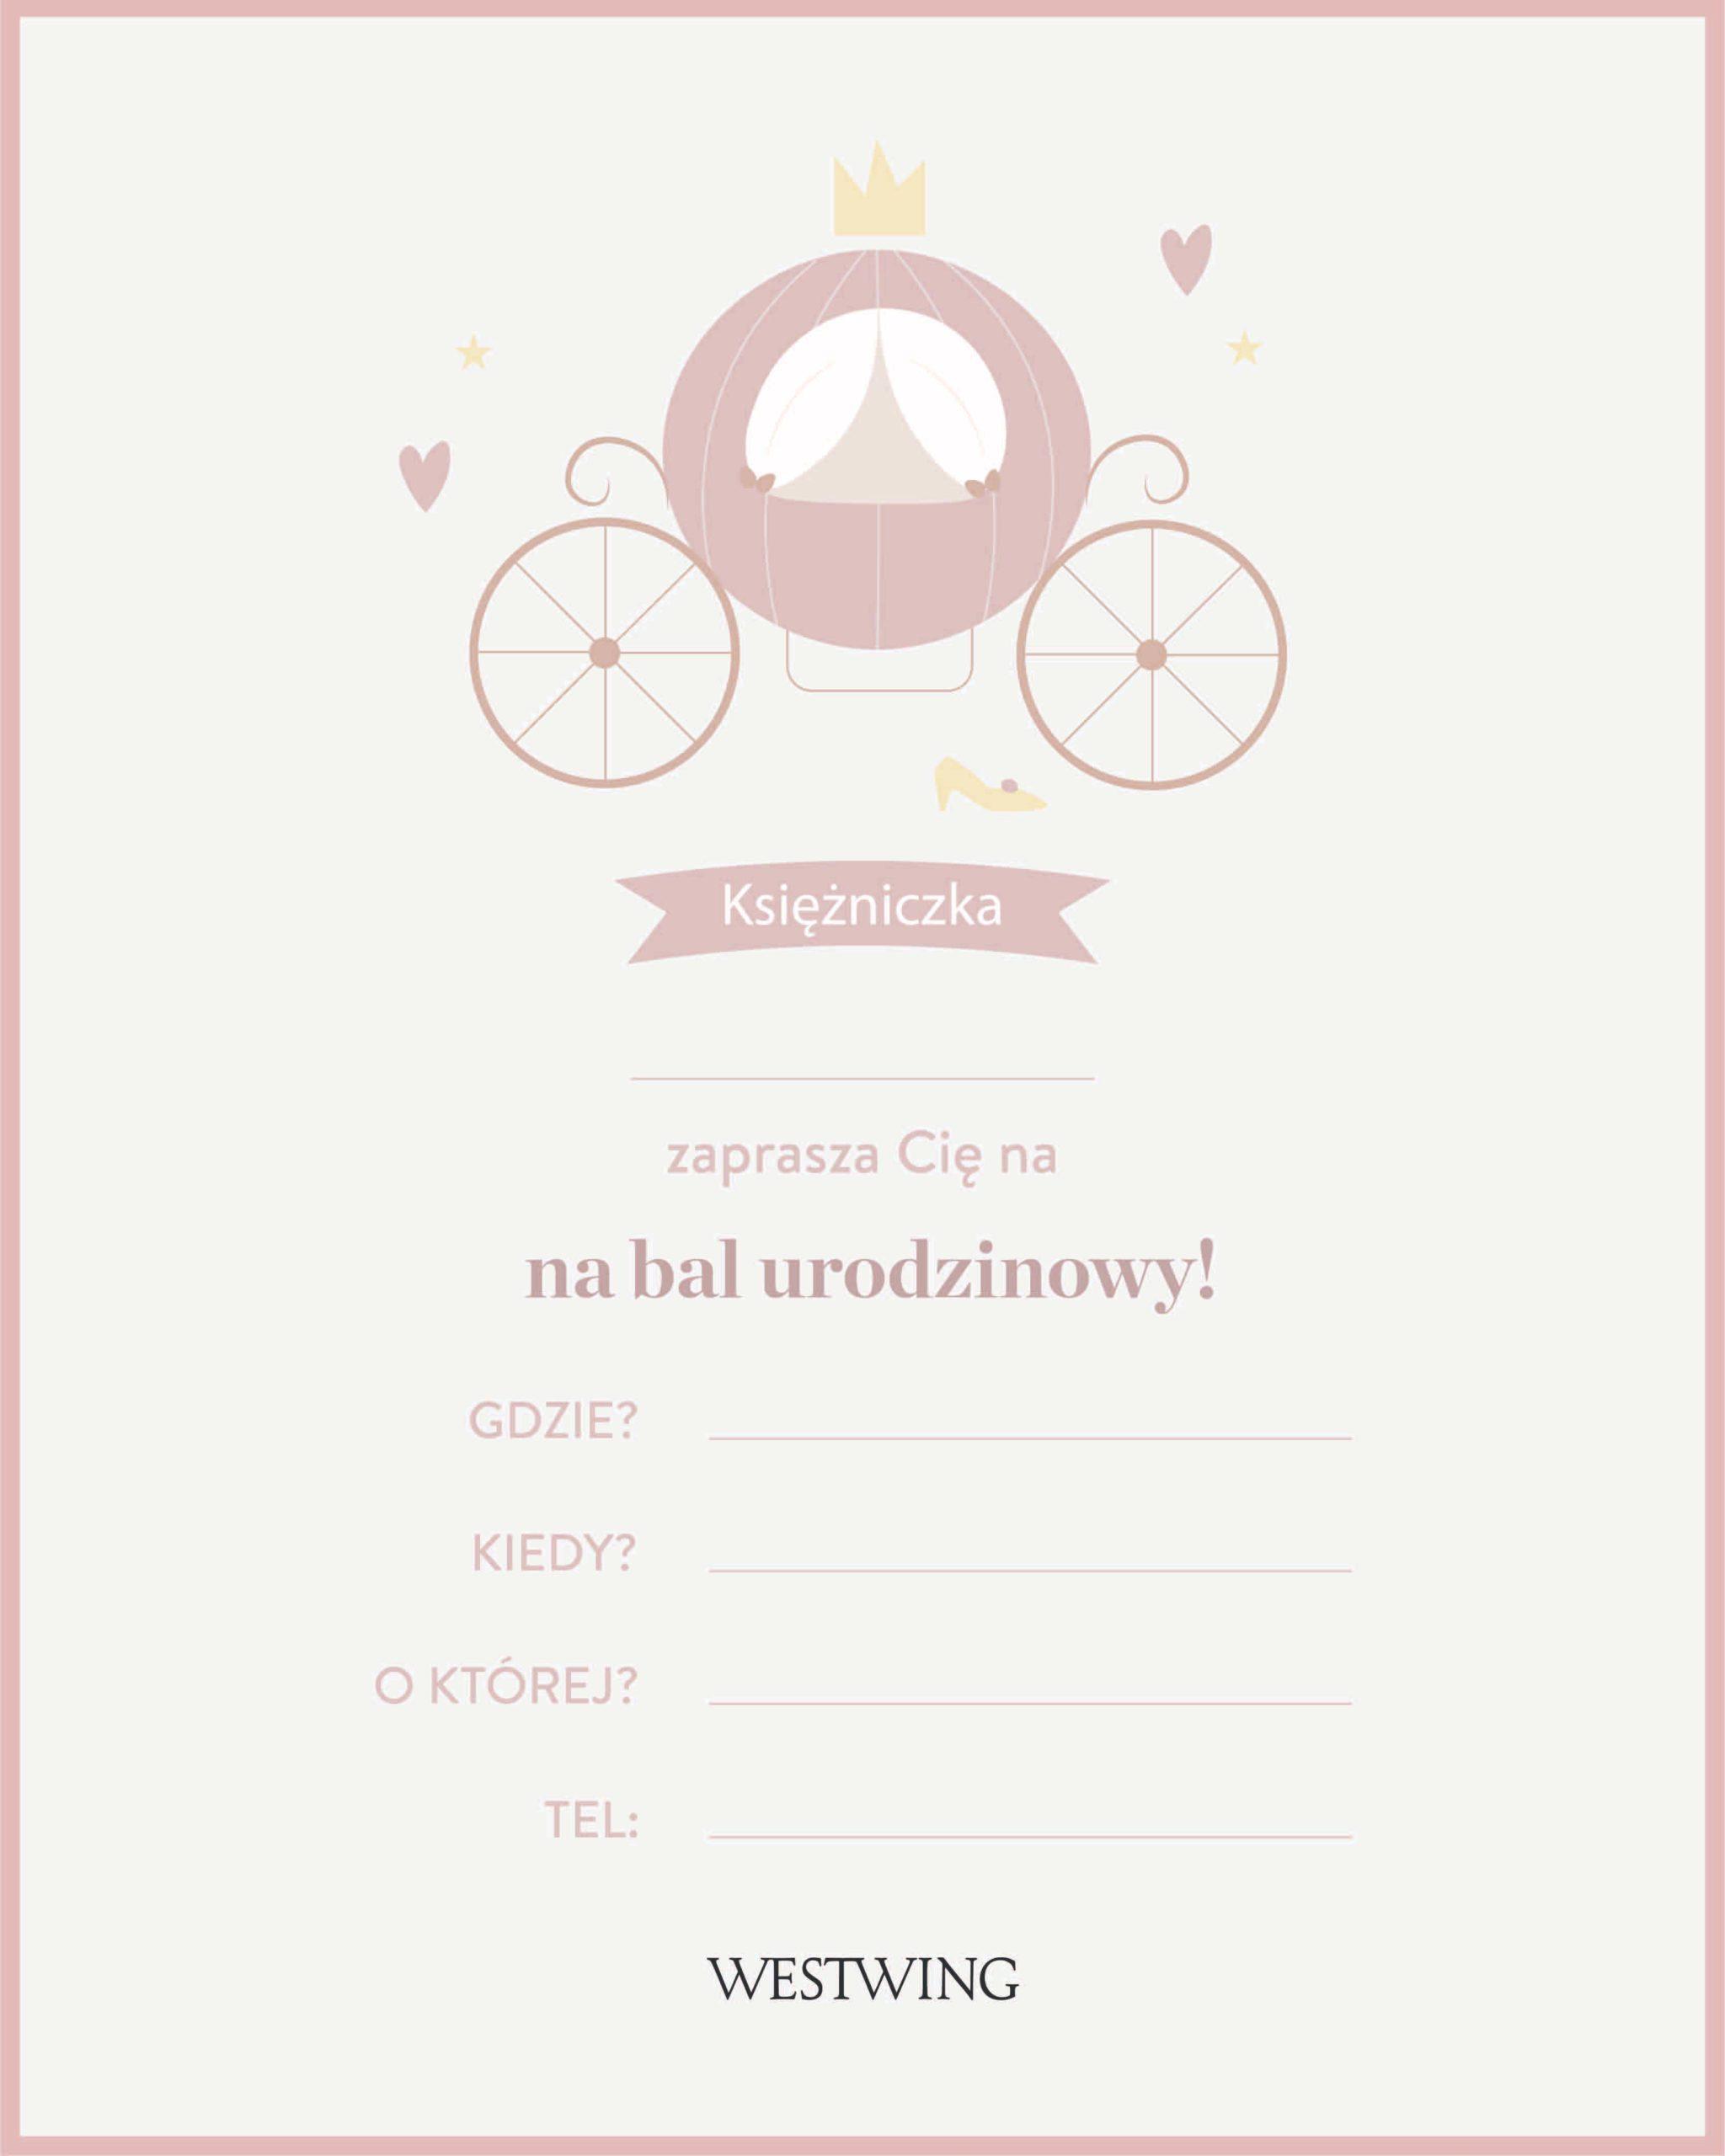 Pobierz nasze zaproszenia do wydrukowania na urodziny z motywem księżniczki!